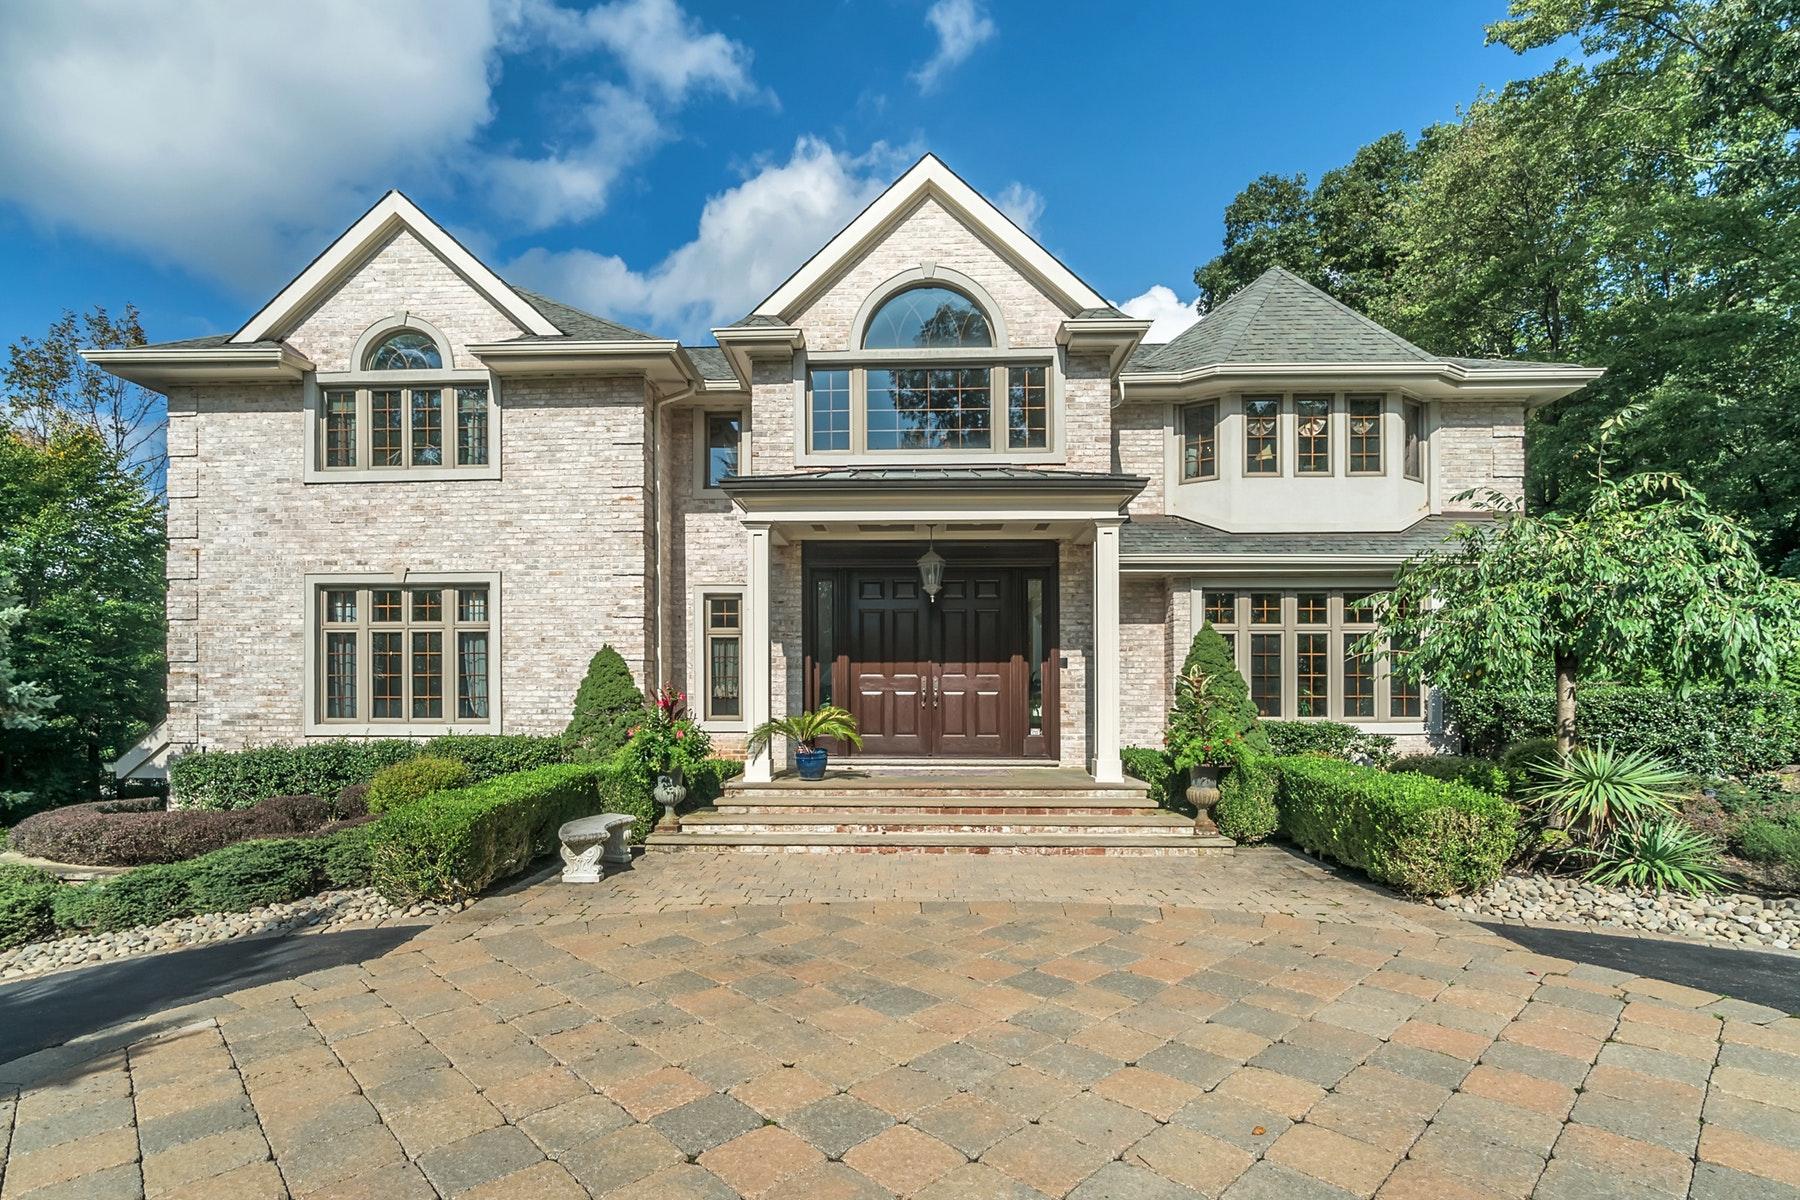 Moradia para Venda às Classic Manor Style Home 41 Stevenson Ln, Upper Saddle River, Nova Jersey 07458 Estados Unidos